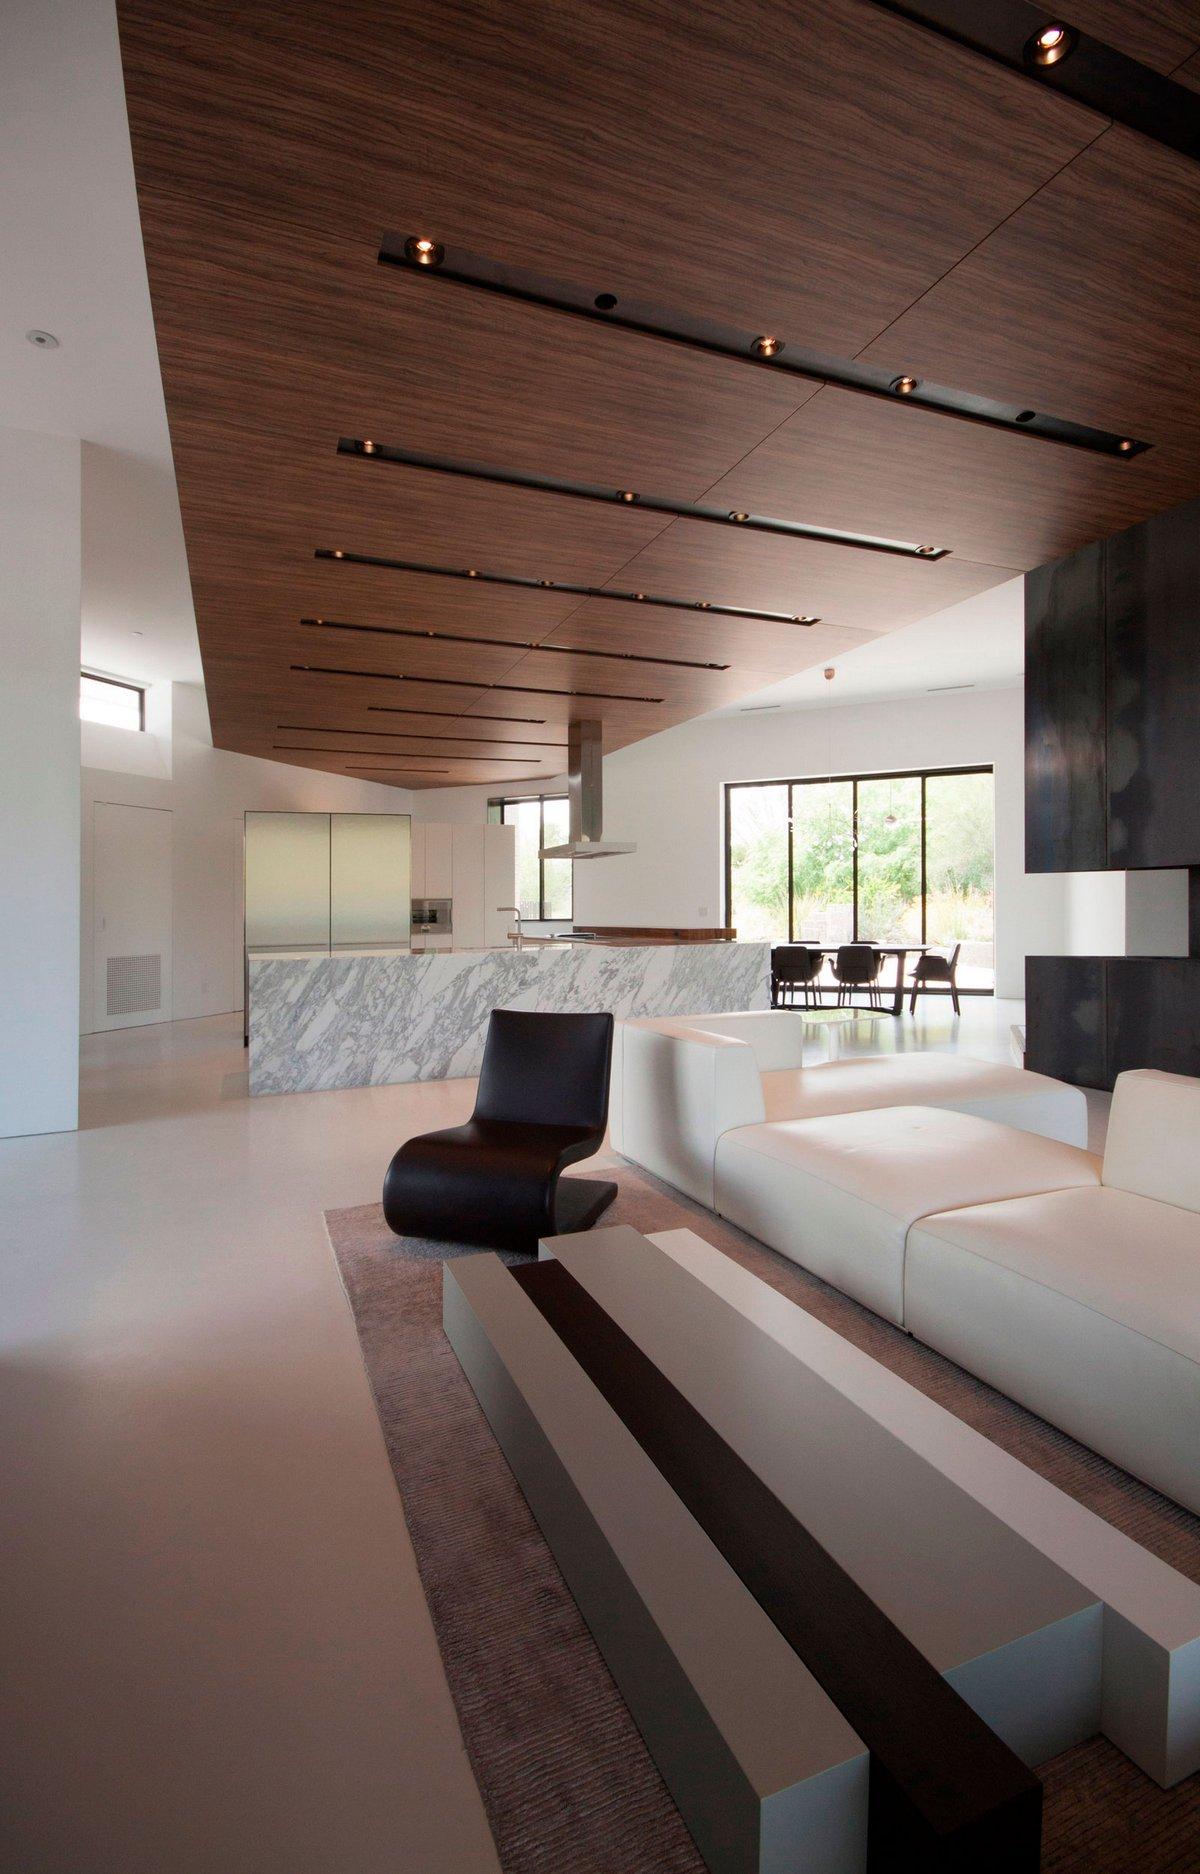 Обновленный интерьер дома в Парадайз Вэлли